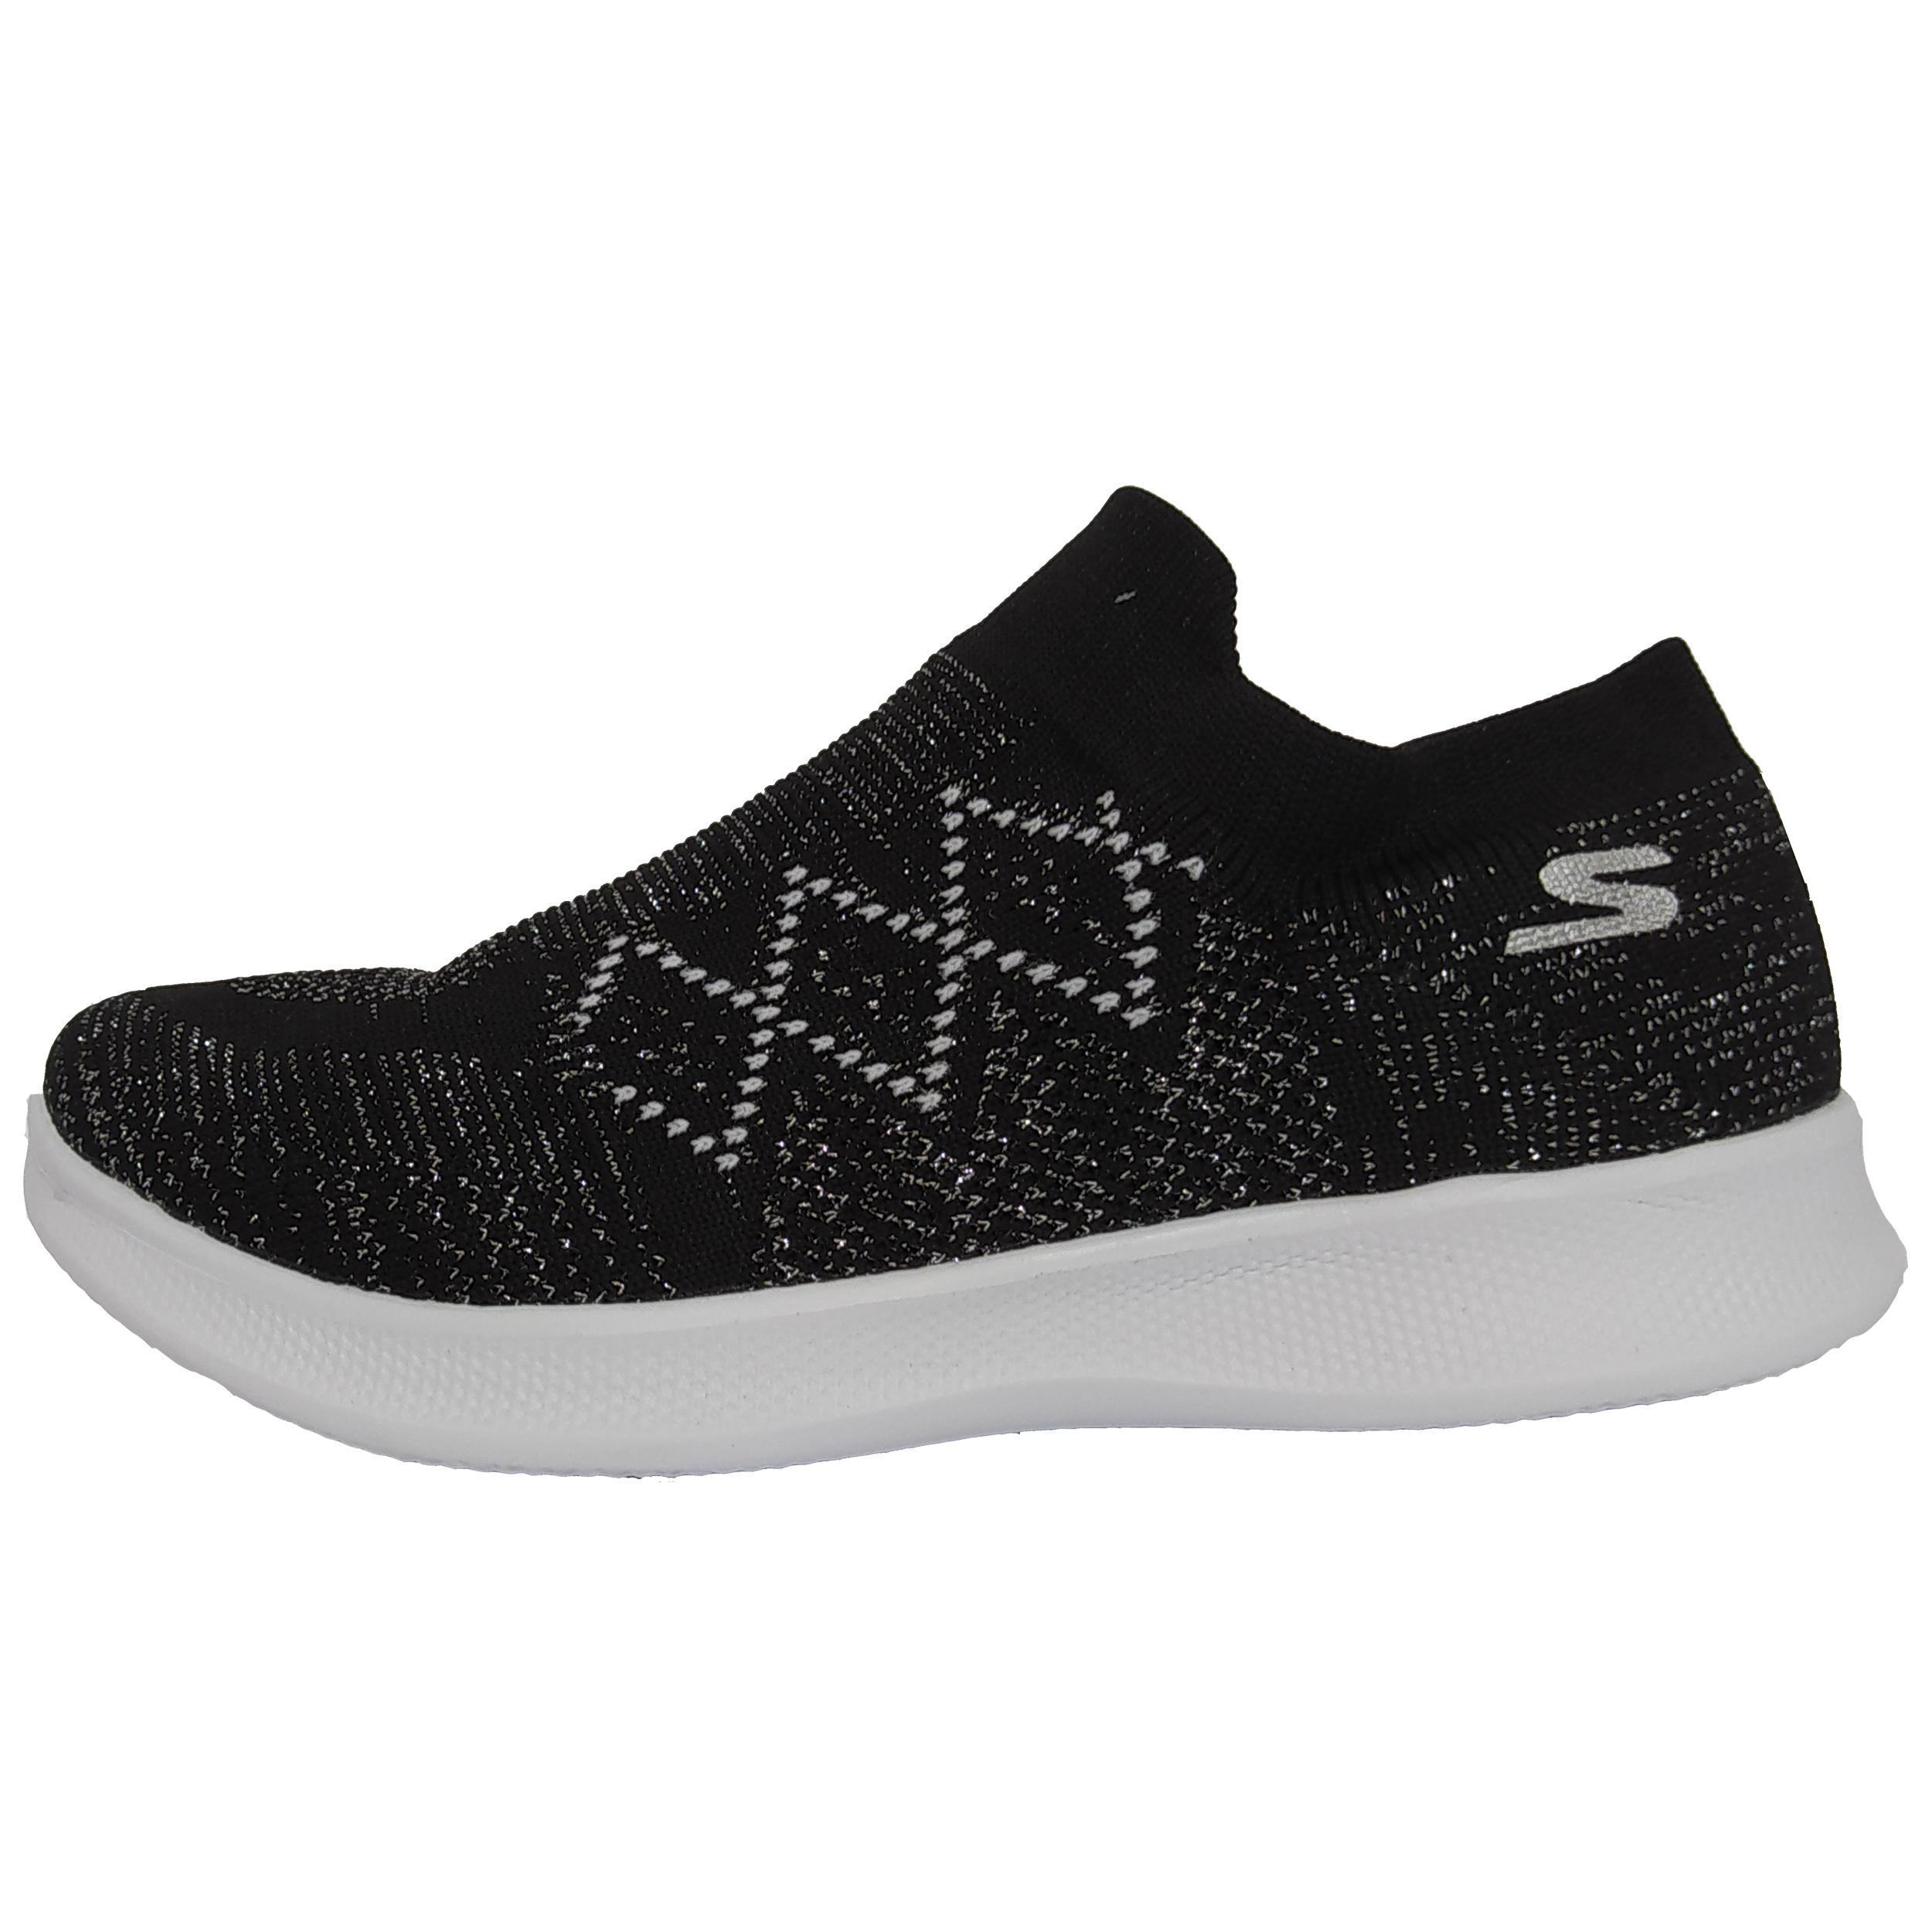 کفش پیاده روی زنانه اسکچرز مدل  GO WALK L43              خرید